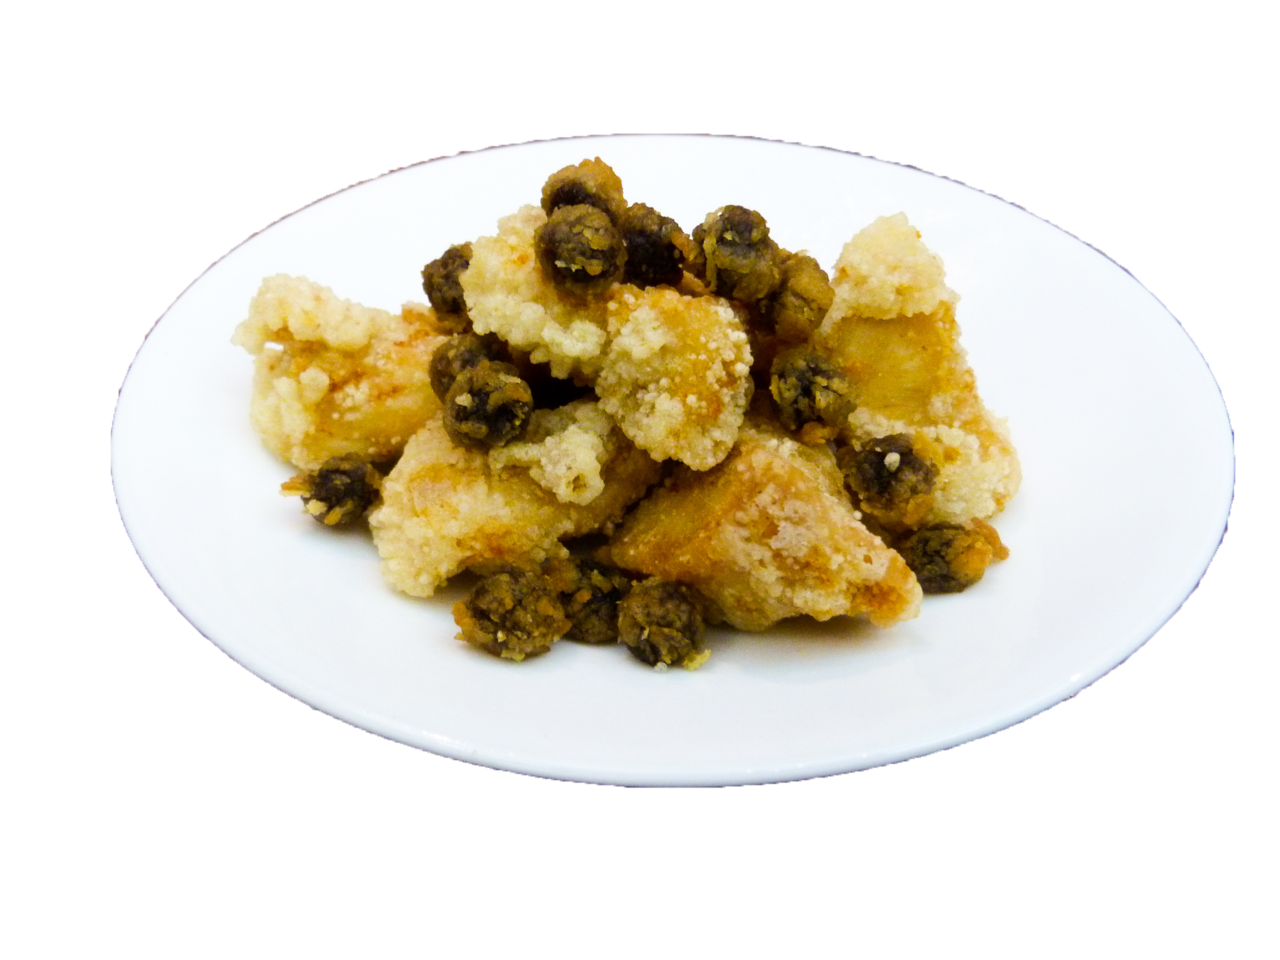 珍珠鹹酥雞。圖/取自https://www.atpress.ne.jp/